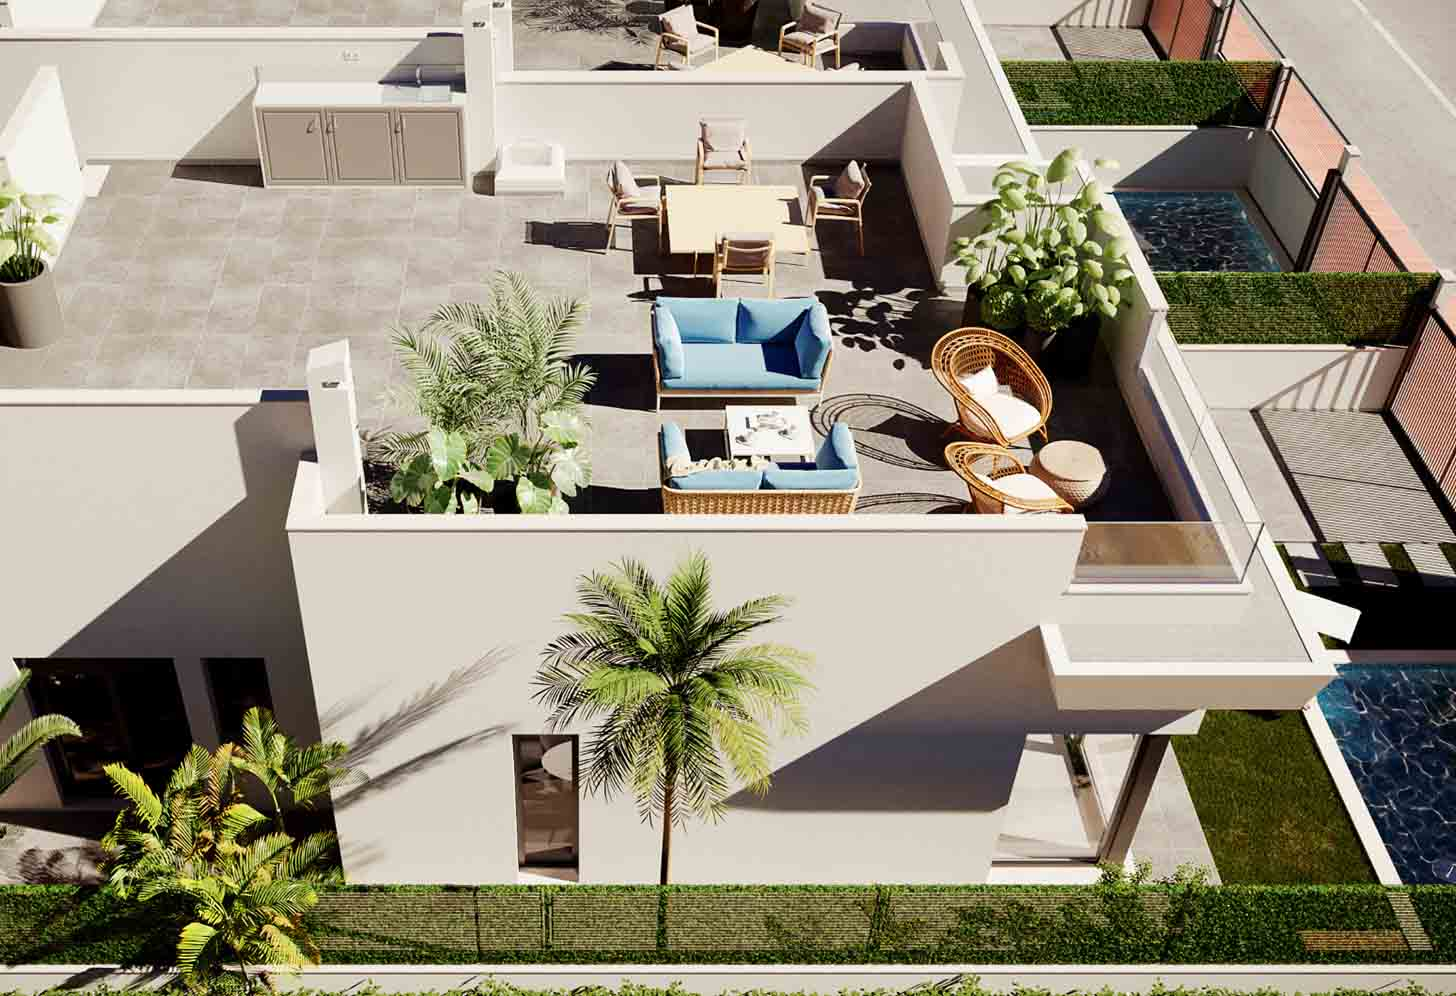 immobilier neuf espagne costa blanca on-d15 palmeral roda golf solarium